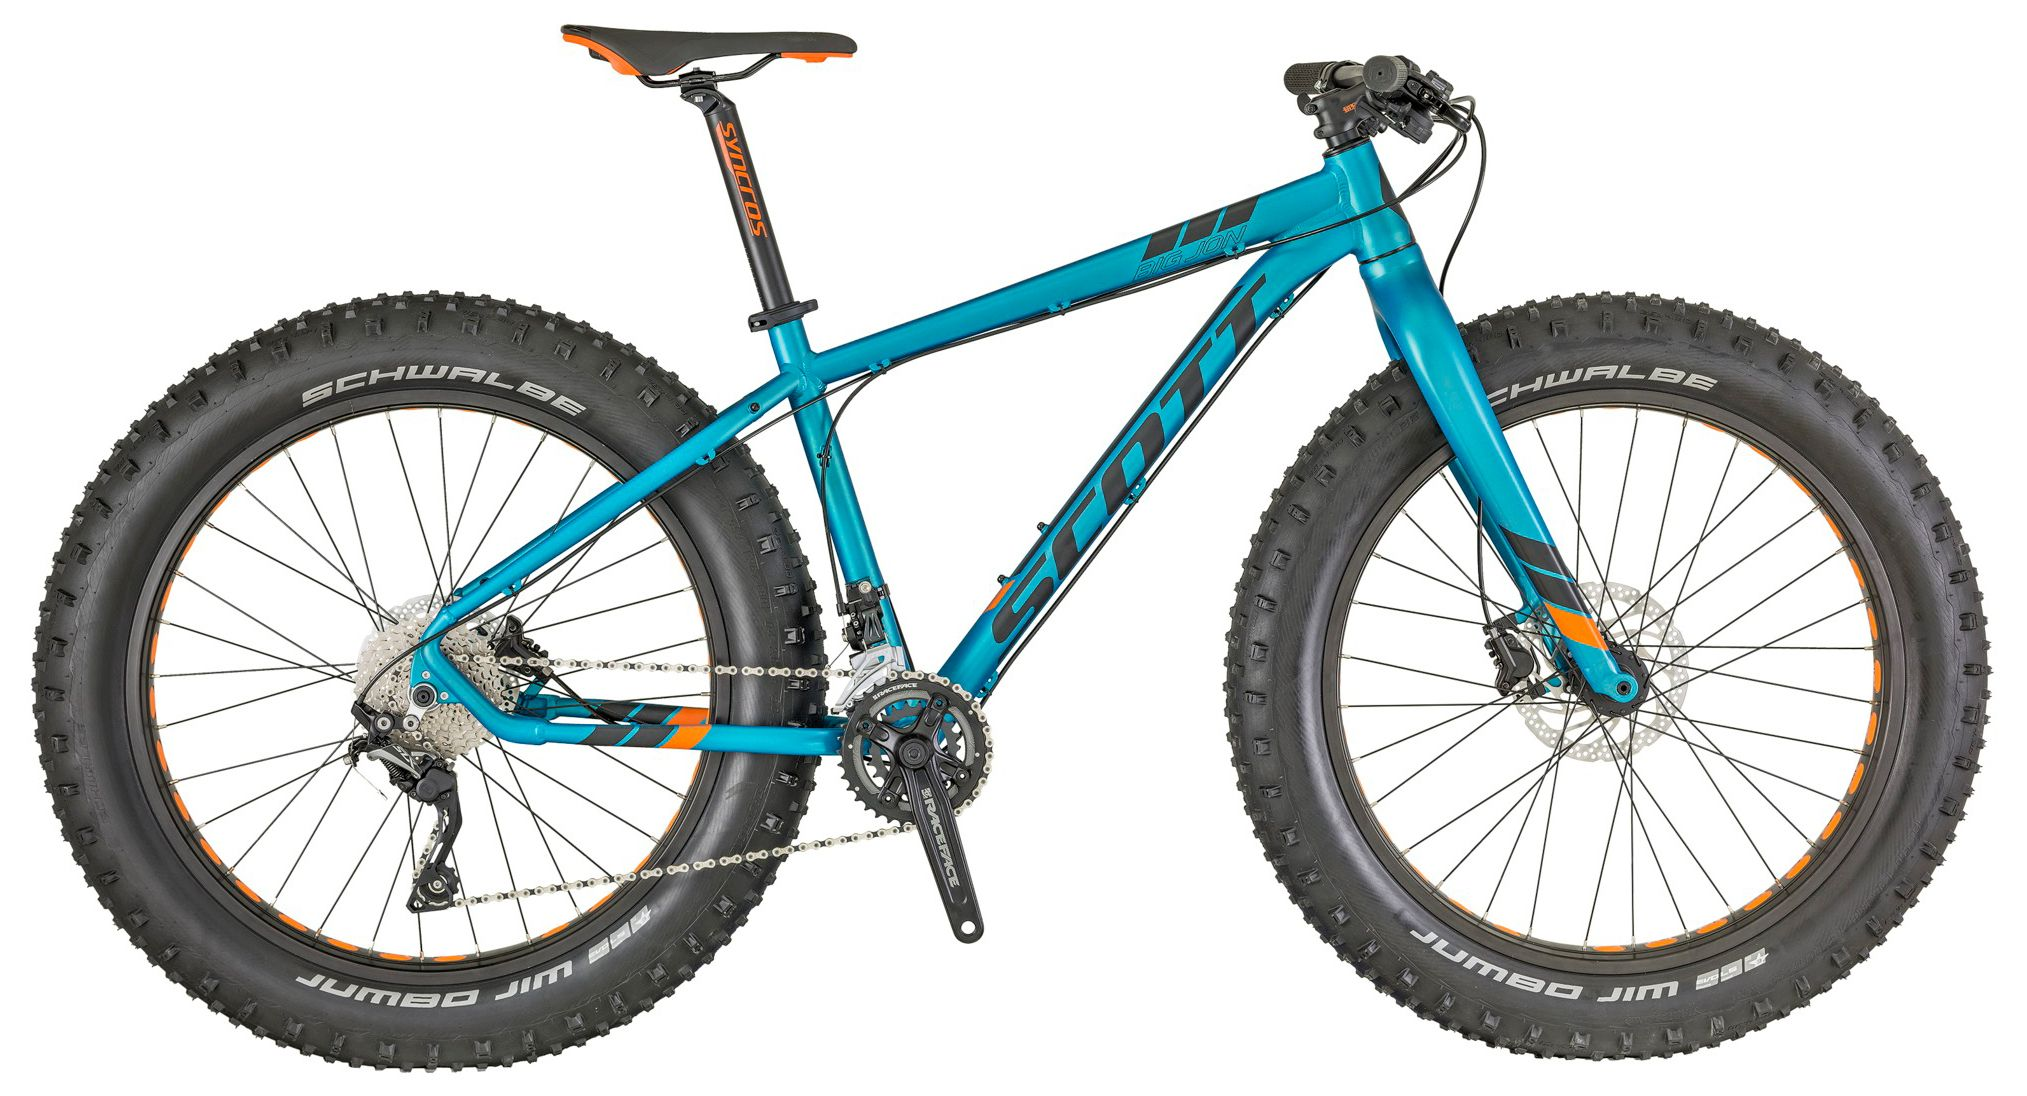 Велосипед Scott Big Jon 2018,  Фэтбайки  - артикул:289075